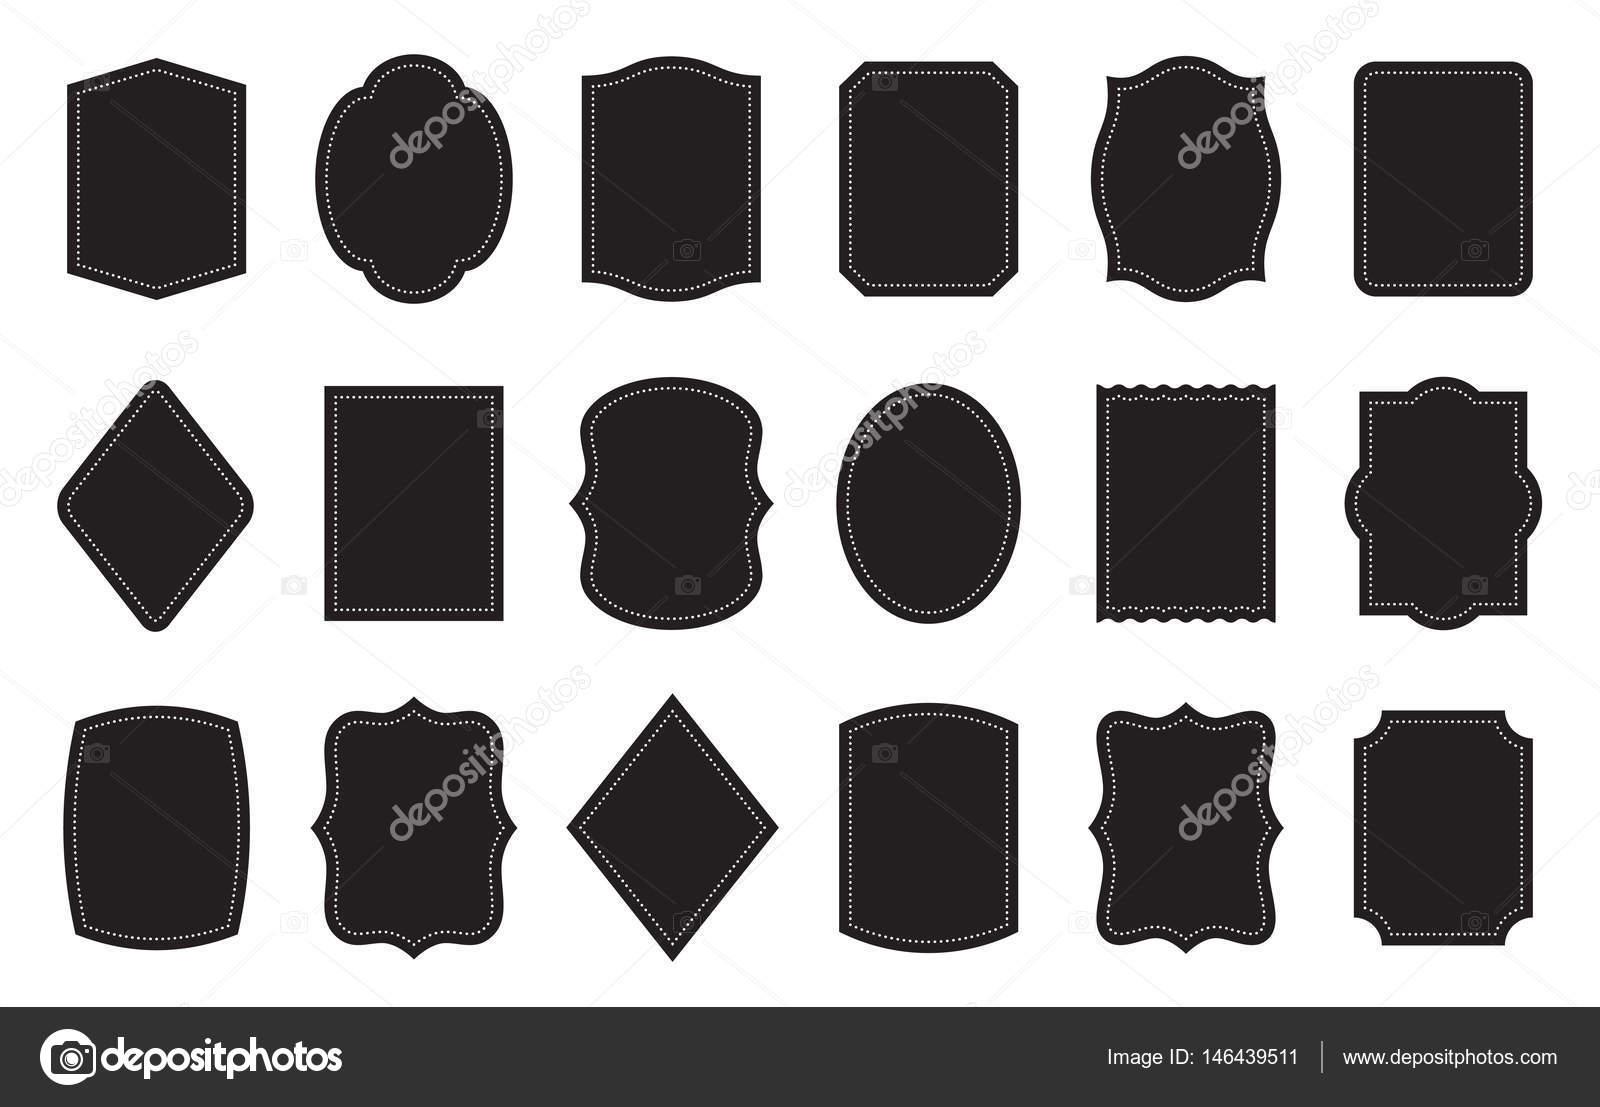 Product Label Templates | Reihe Von Produkt Etiketten Templates Verschiedene Formen